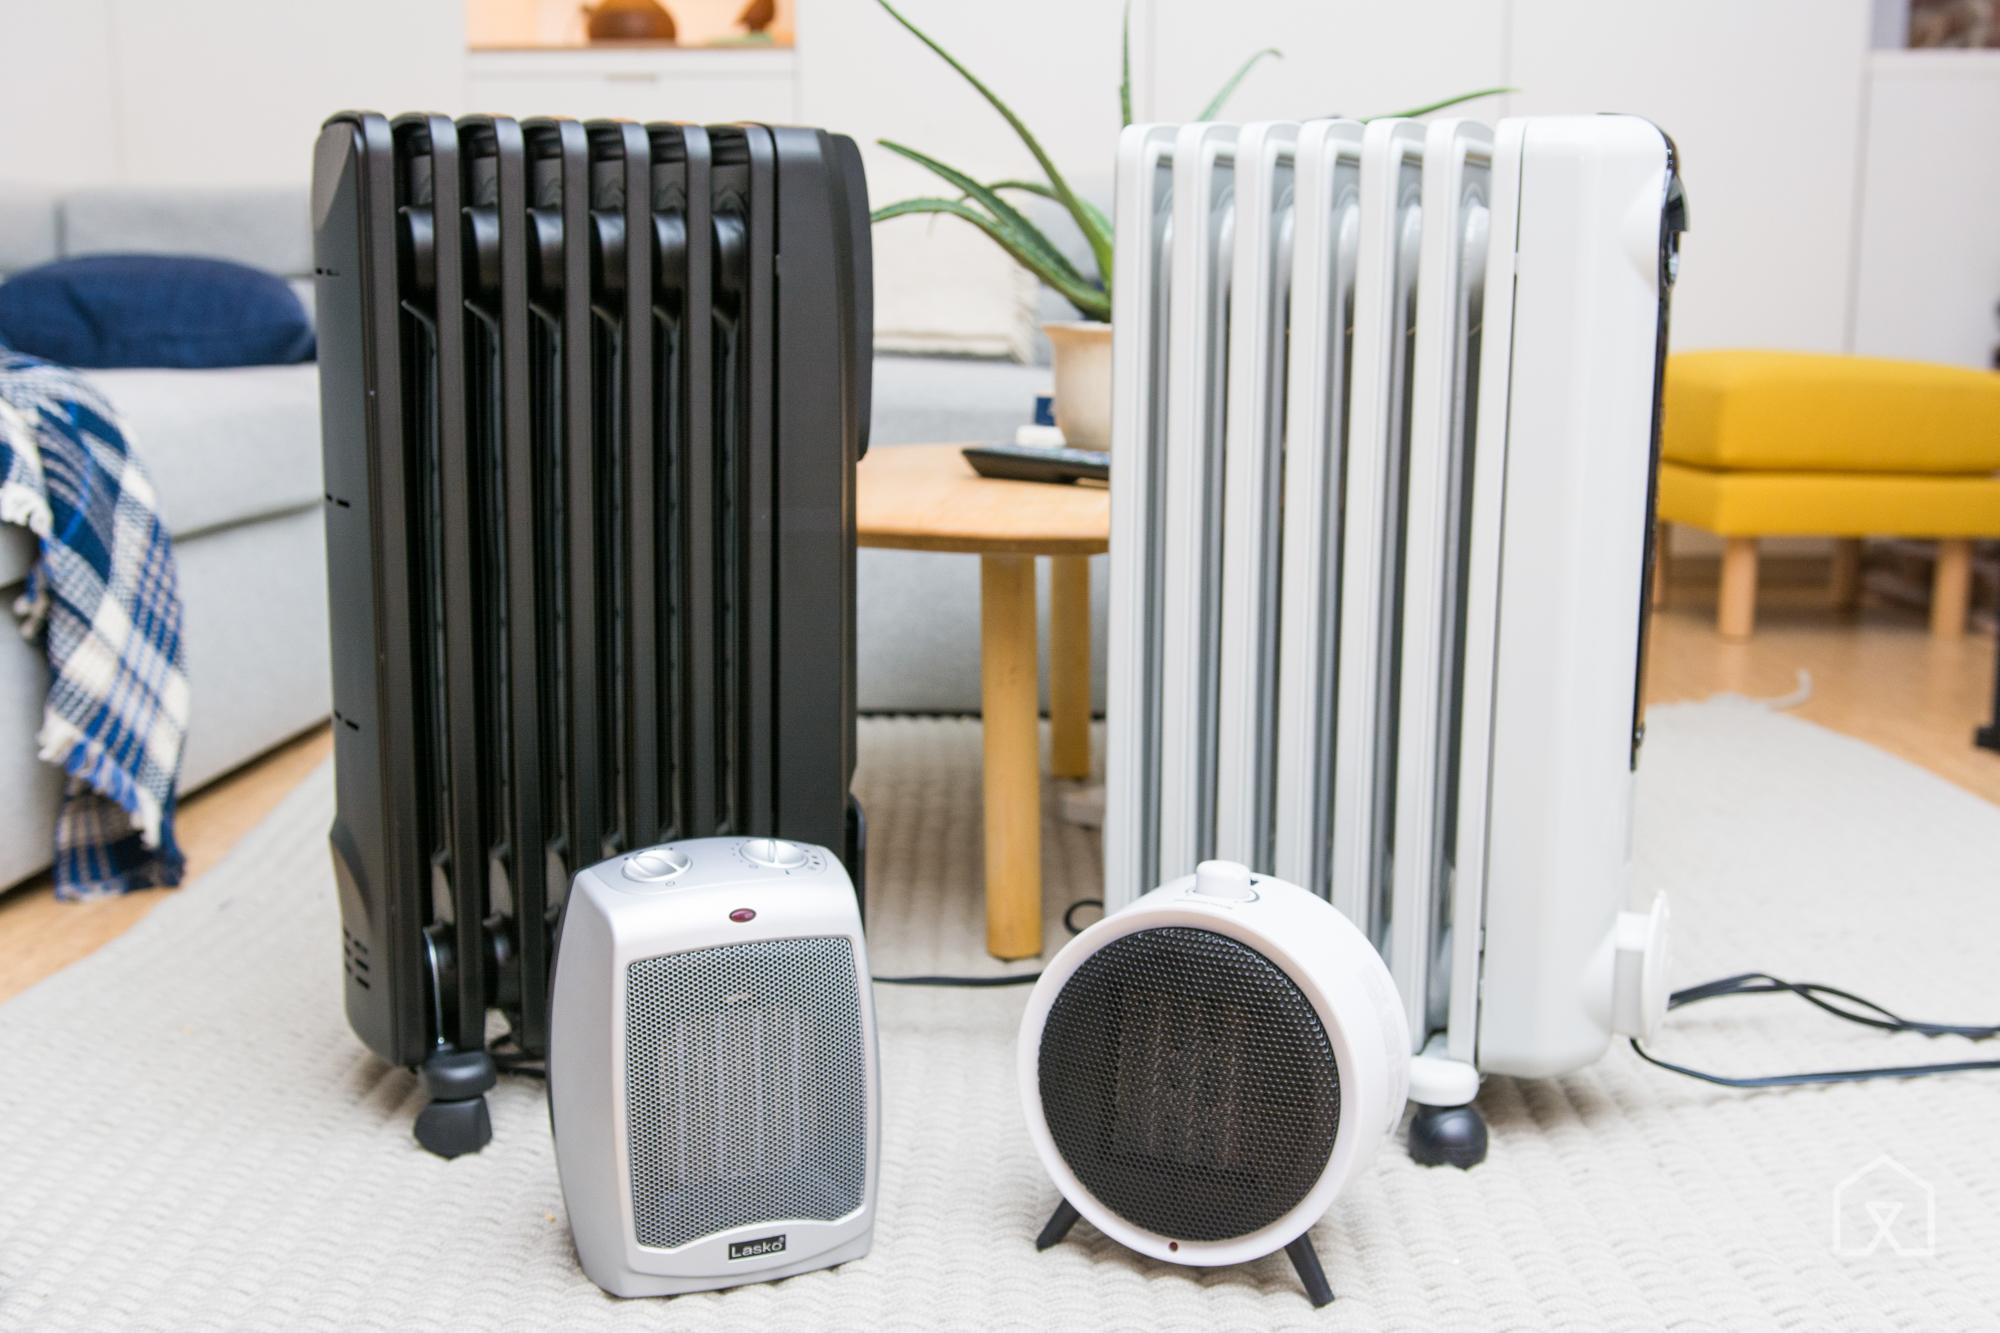 Доступный и достаточный. Выбираем лучший обогреватель для дома, чтобы пережить холодную зиму